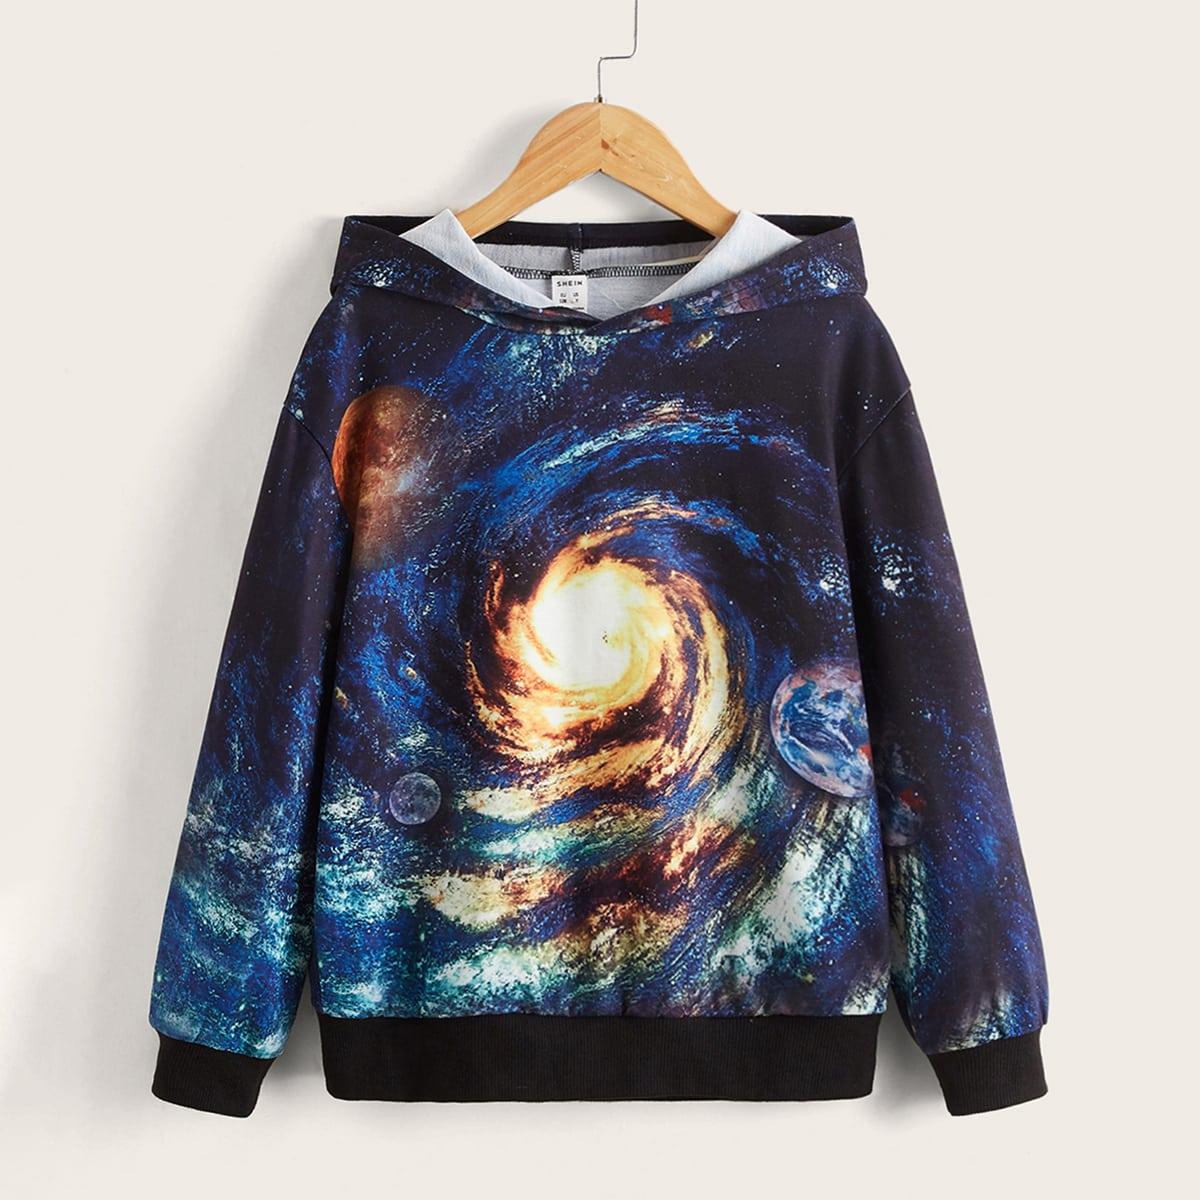 Garçon Sweat-shirt à capuche à imprimé galaxie 3D